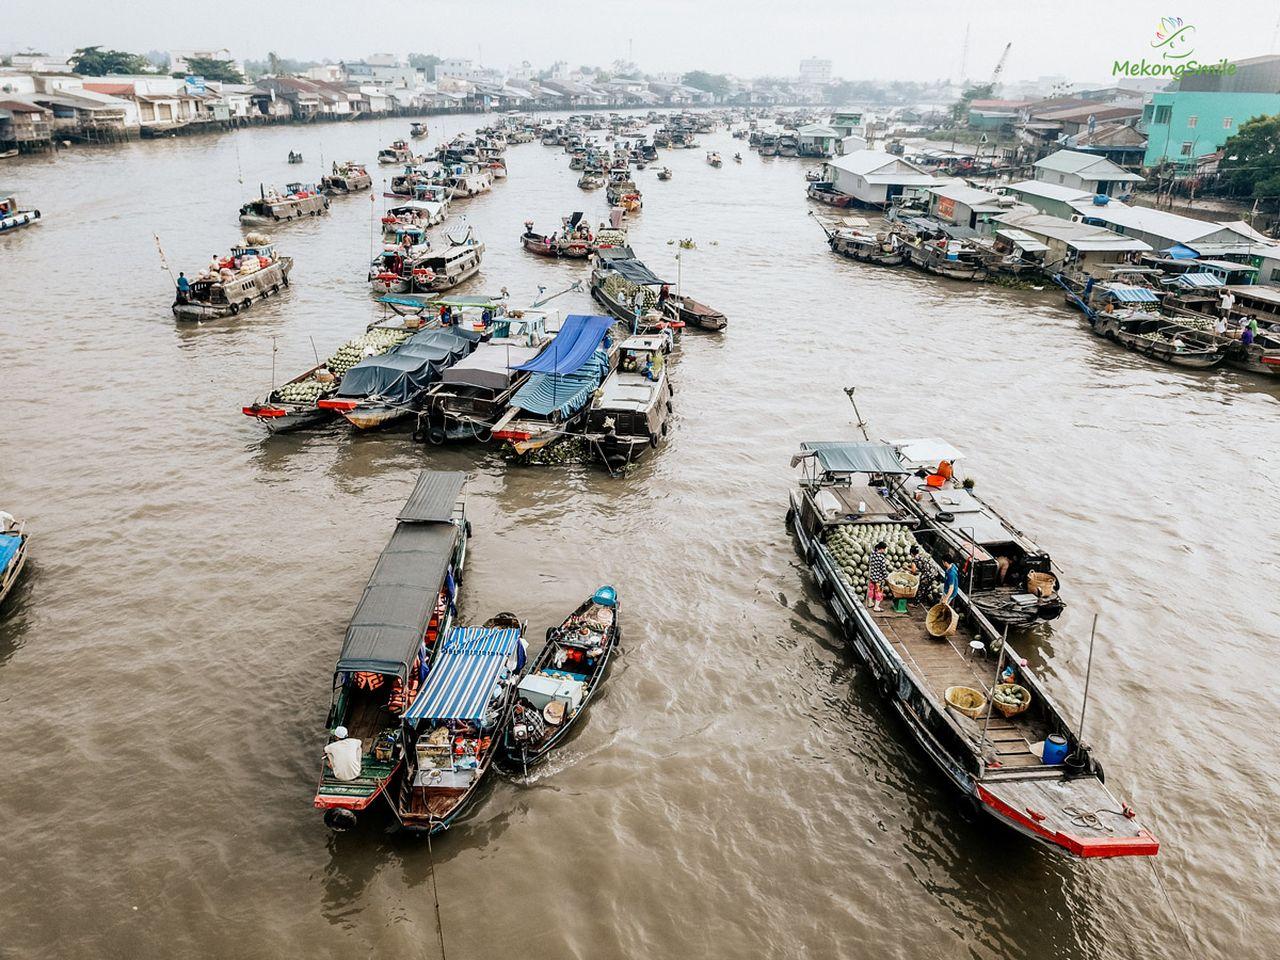 Văn hoá chợ nổi miền Tây - Chợ nổi Cái Răng -Tour Bến Tre - Cần Thơ 2N1D